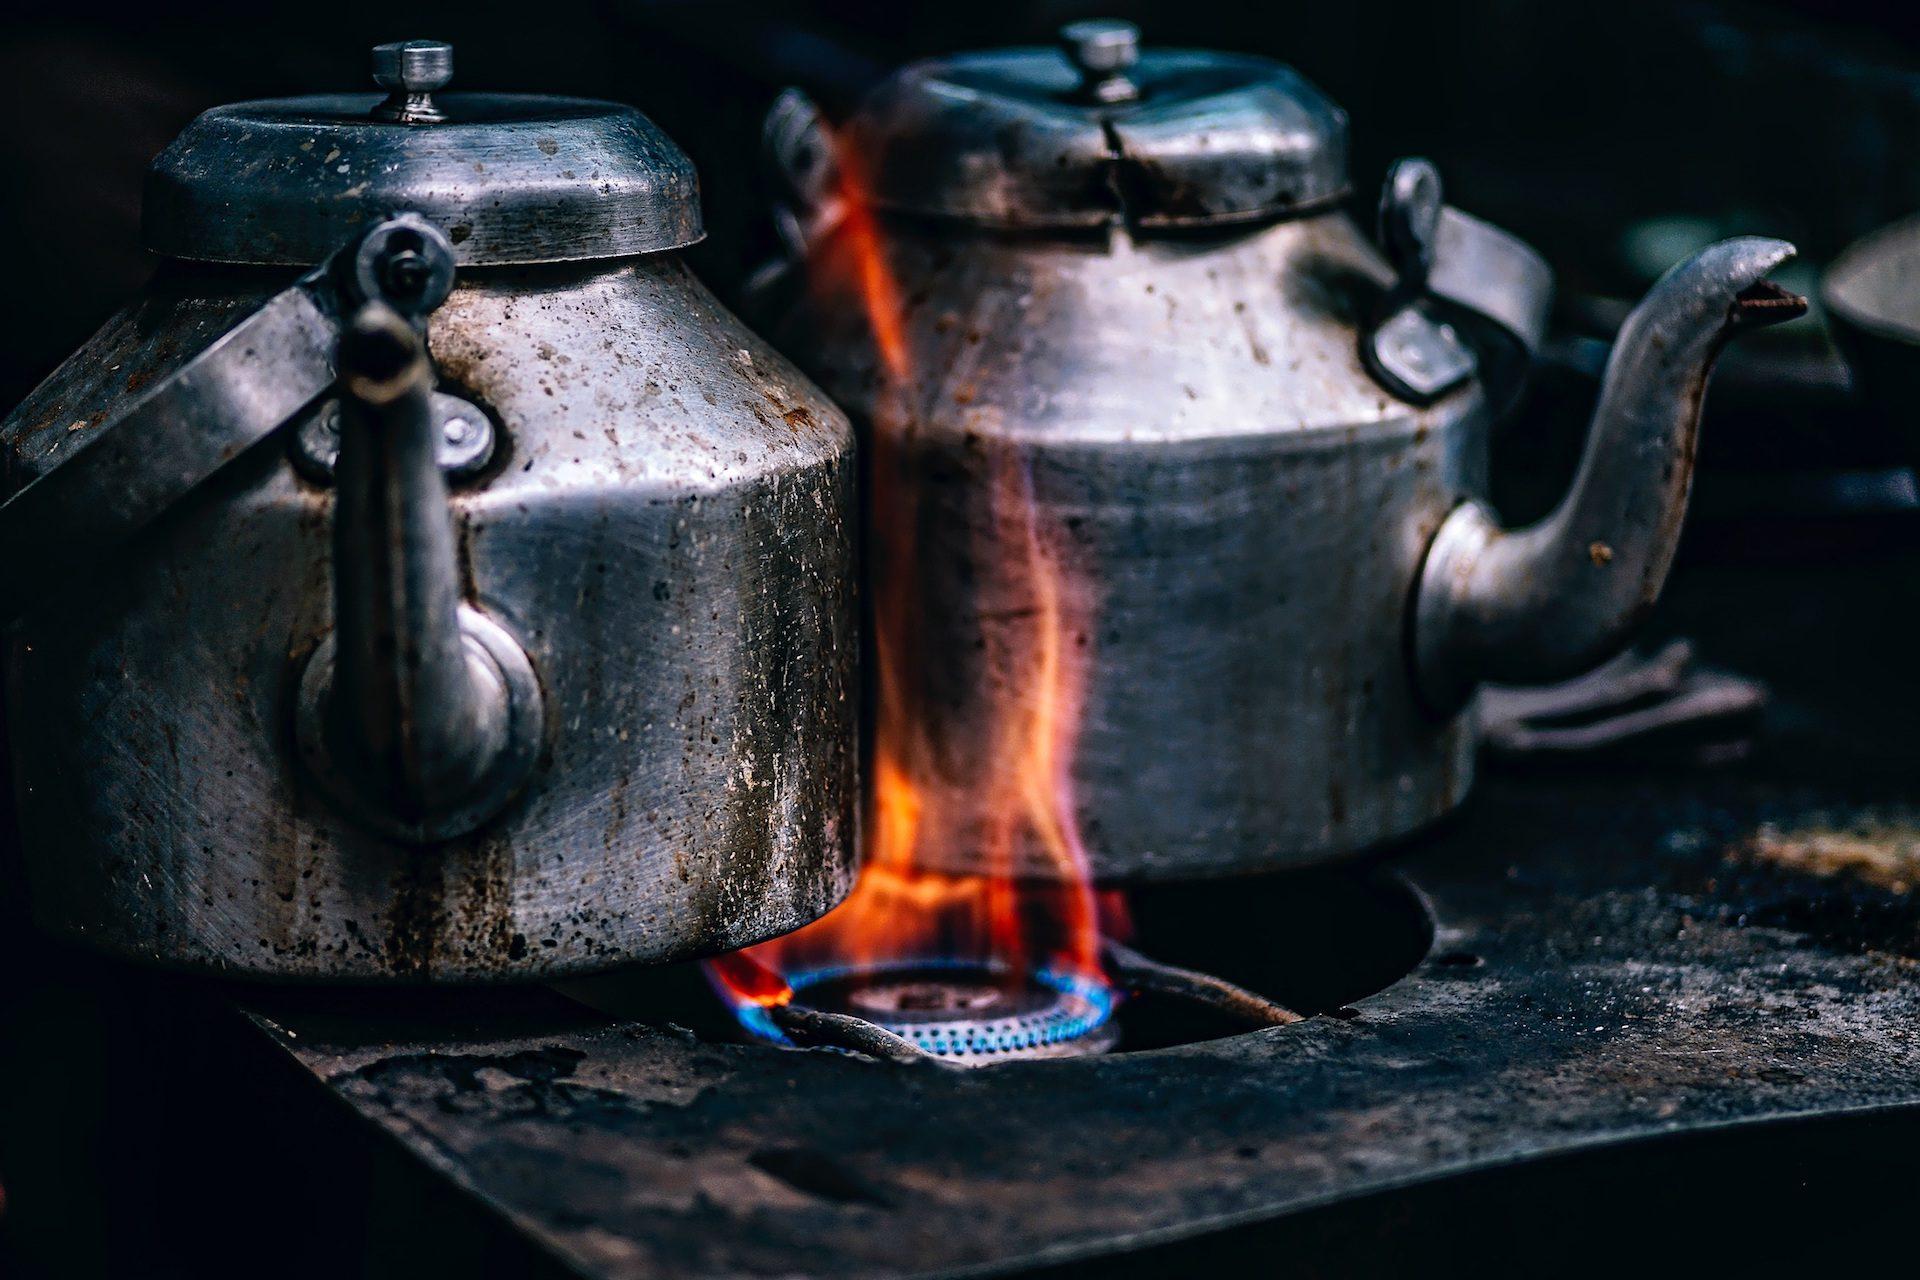 اباريق الشاي, القهوة, موقد, الغاز, الحريق, الشعلة, الاوساخ - خلفيات عالية الدقة - أستاذ falken.com